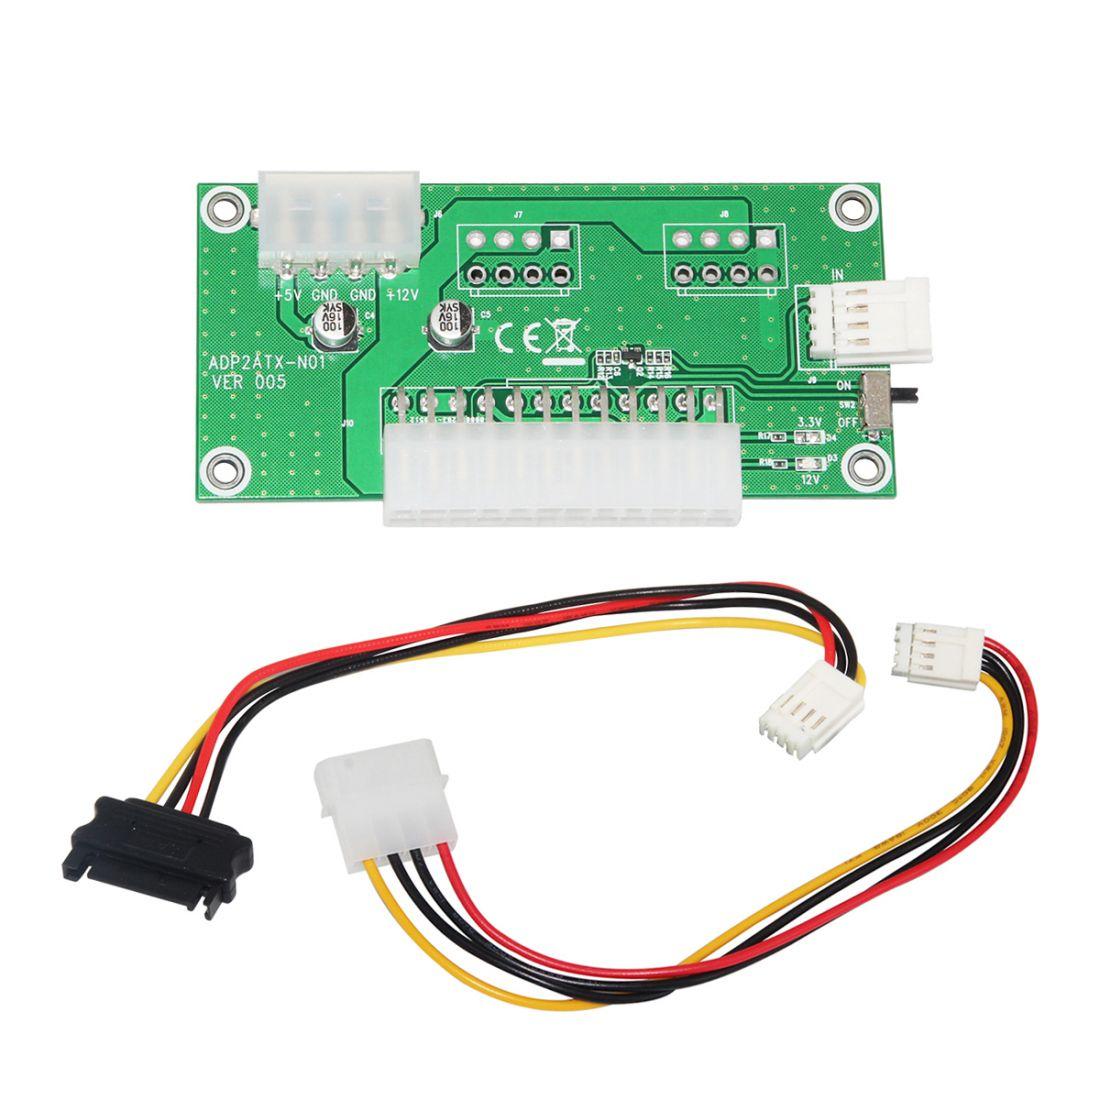 Синхронизатор блоков питания ADP2ATX-N01 VER005